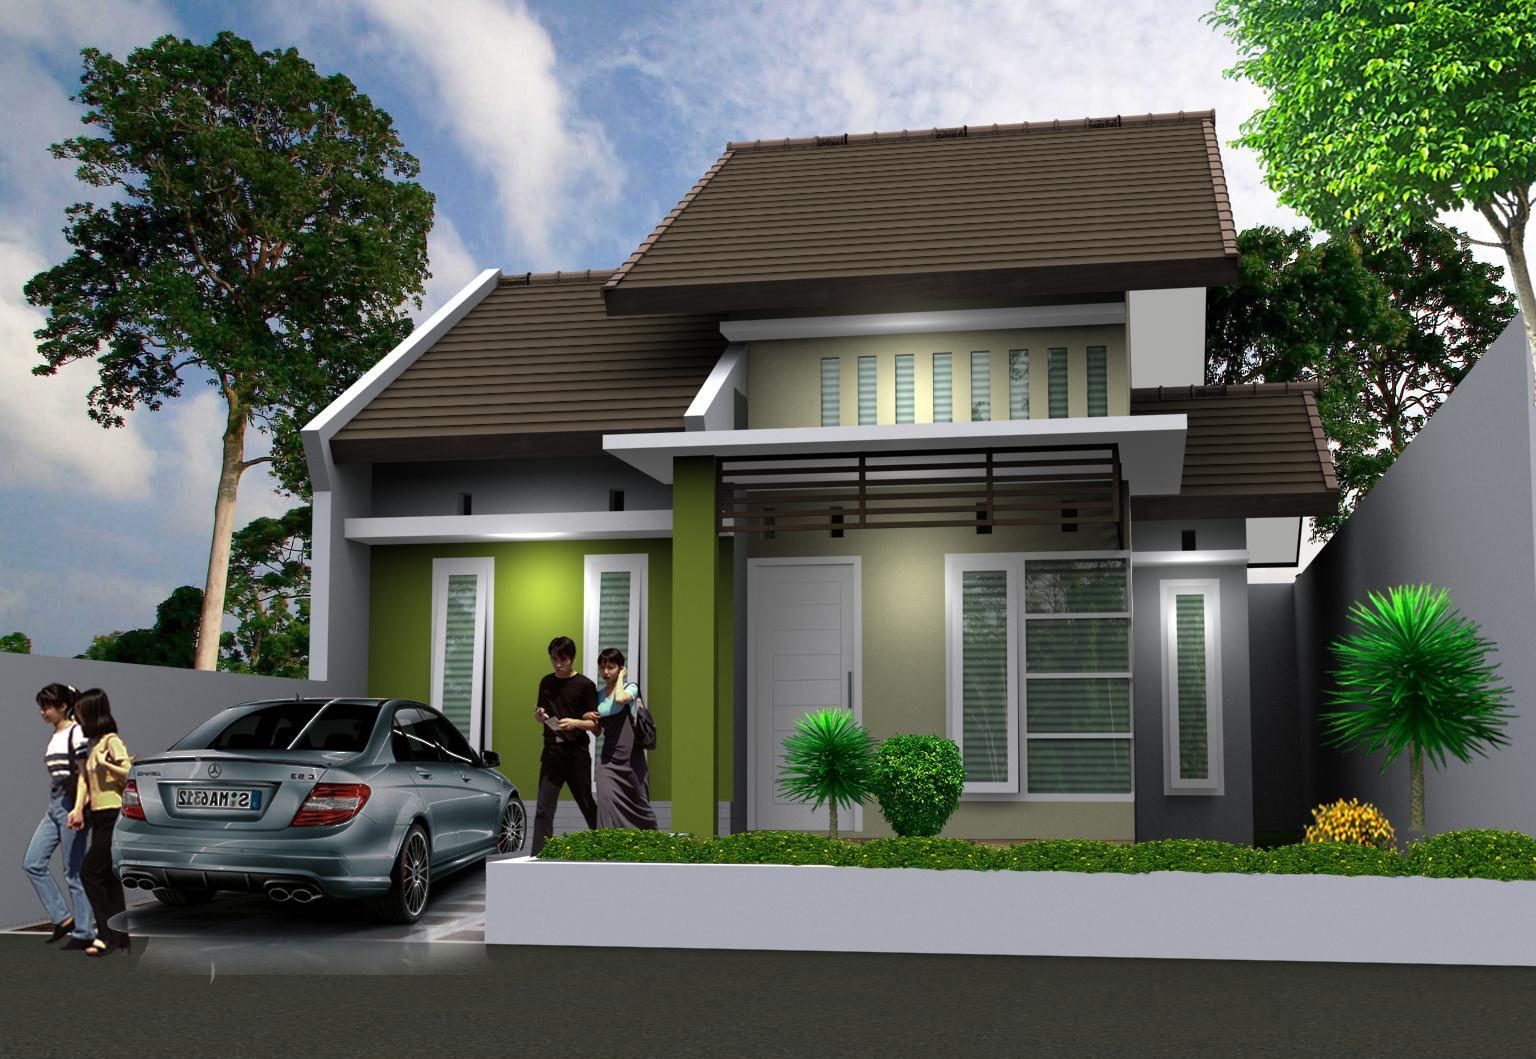 Rumah Dengan Warna Hijau Dan Abu Abu Art Rumah Tinggal